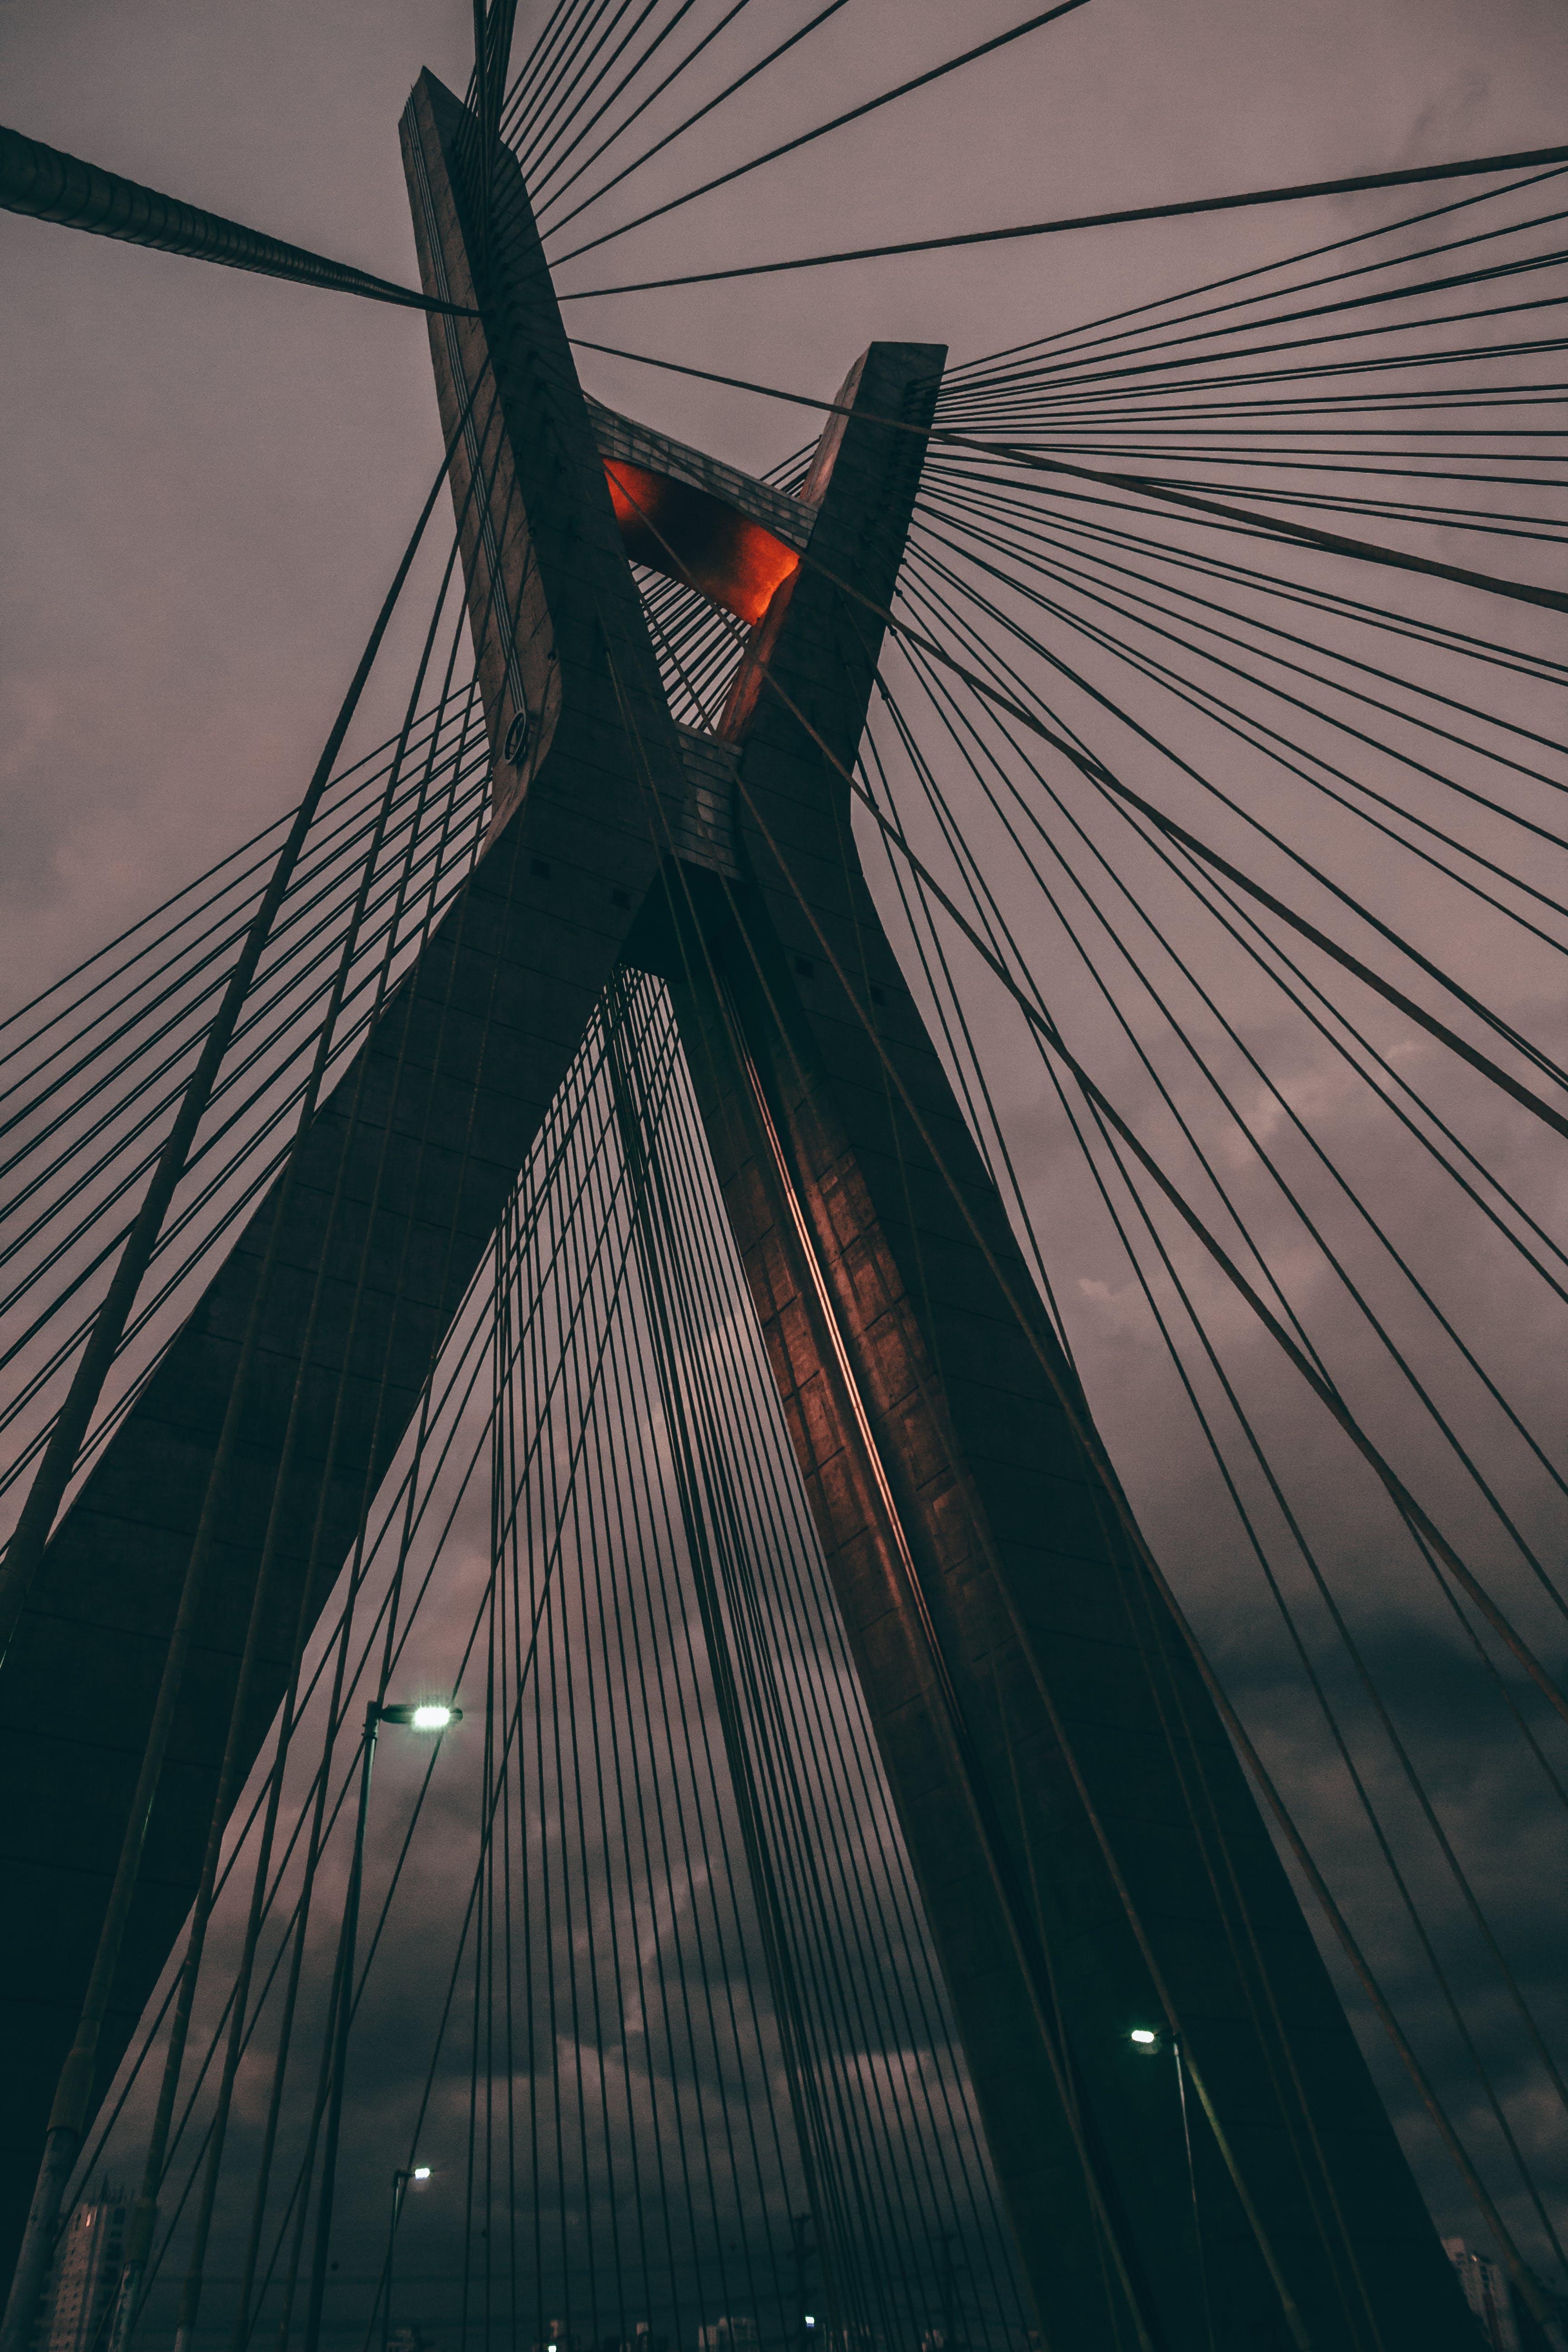 シティ, タワー, ダウンタウン, ダークの無料の写真素材